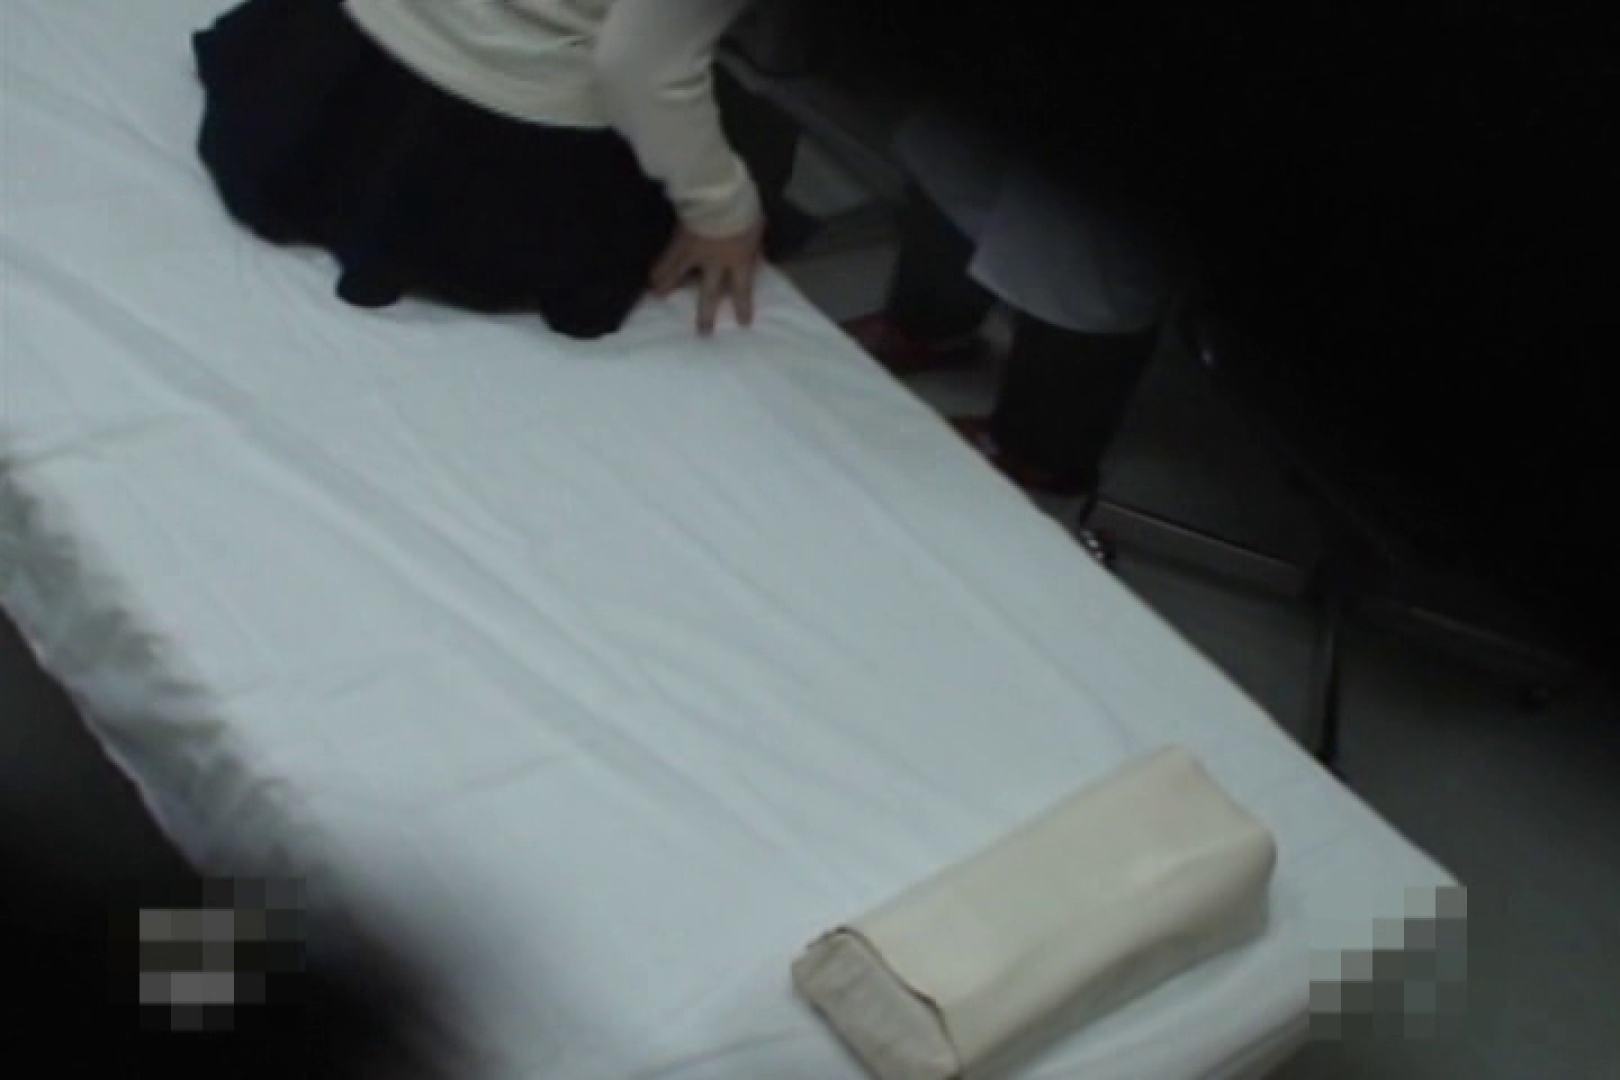 逆噴射病院 肛門科Vol.7 OLセックス 隠し撮りセックス画像 65画像 35